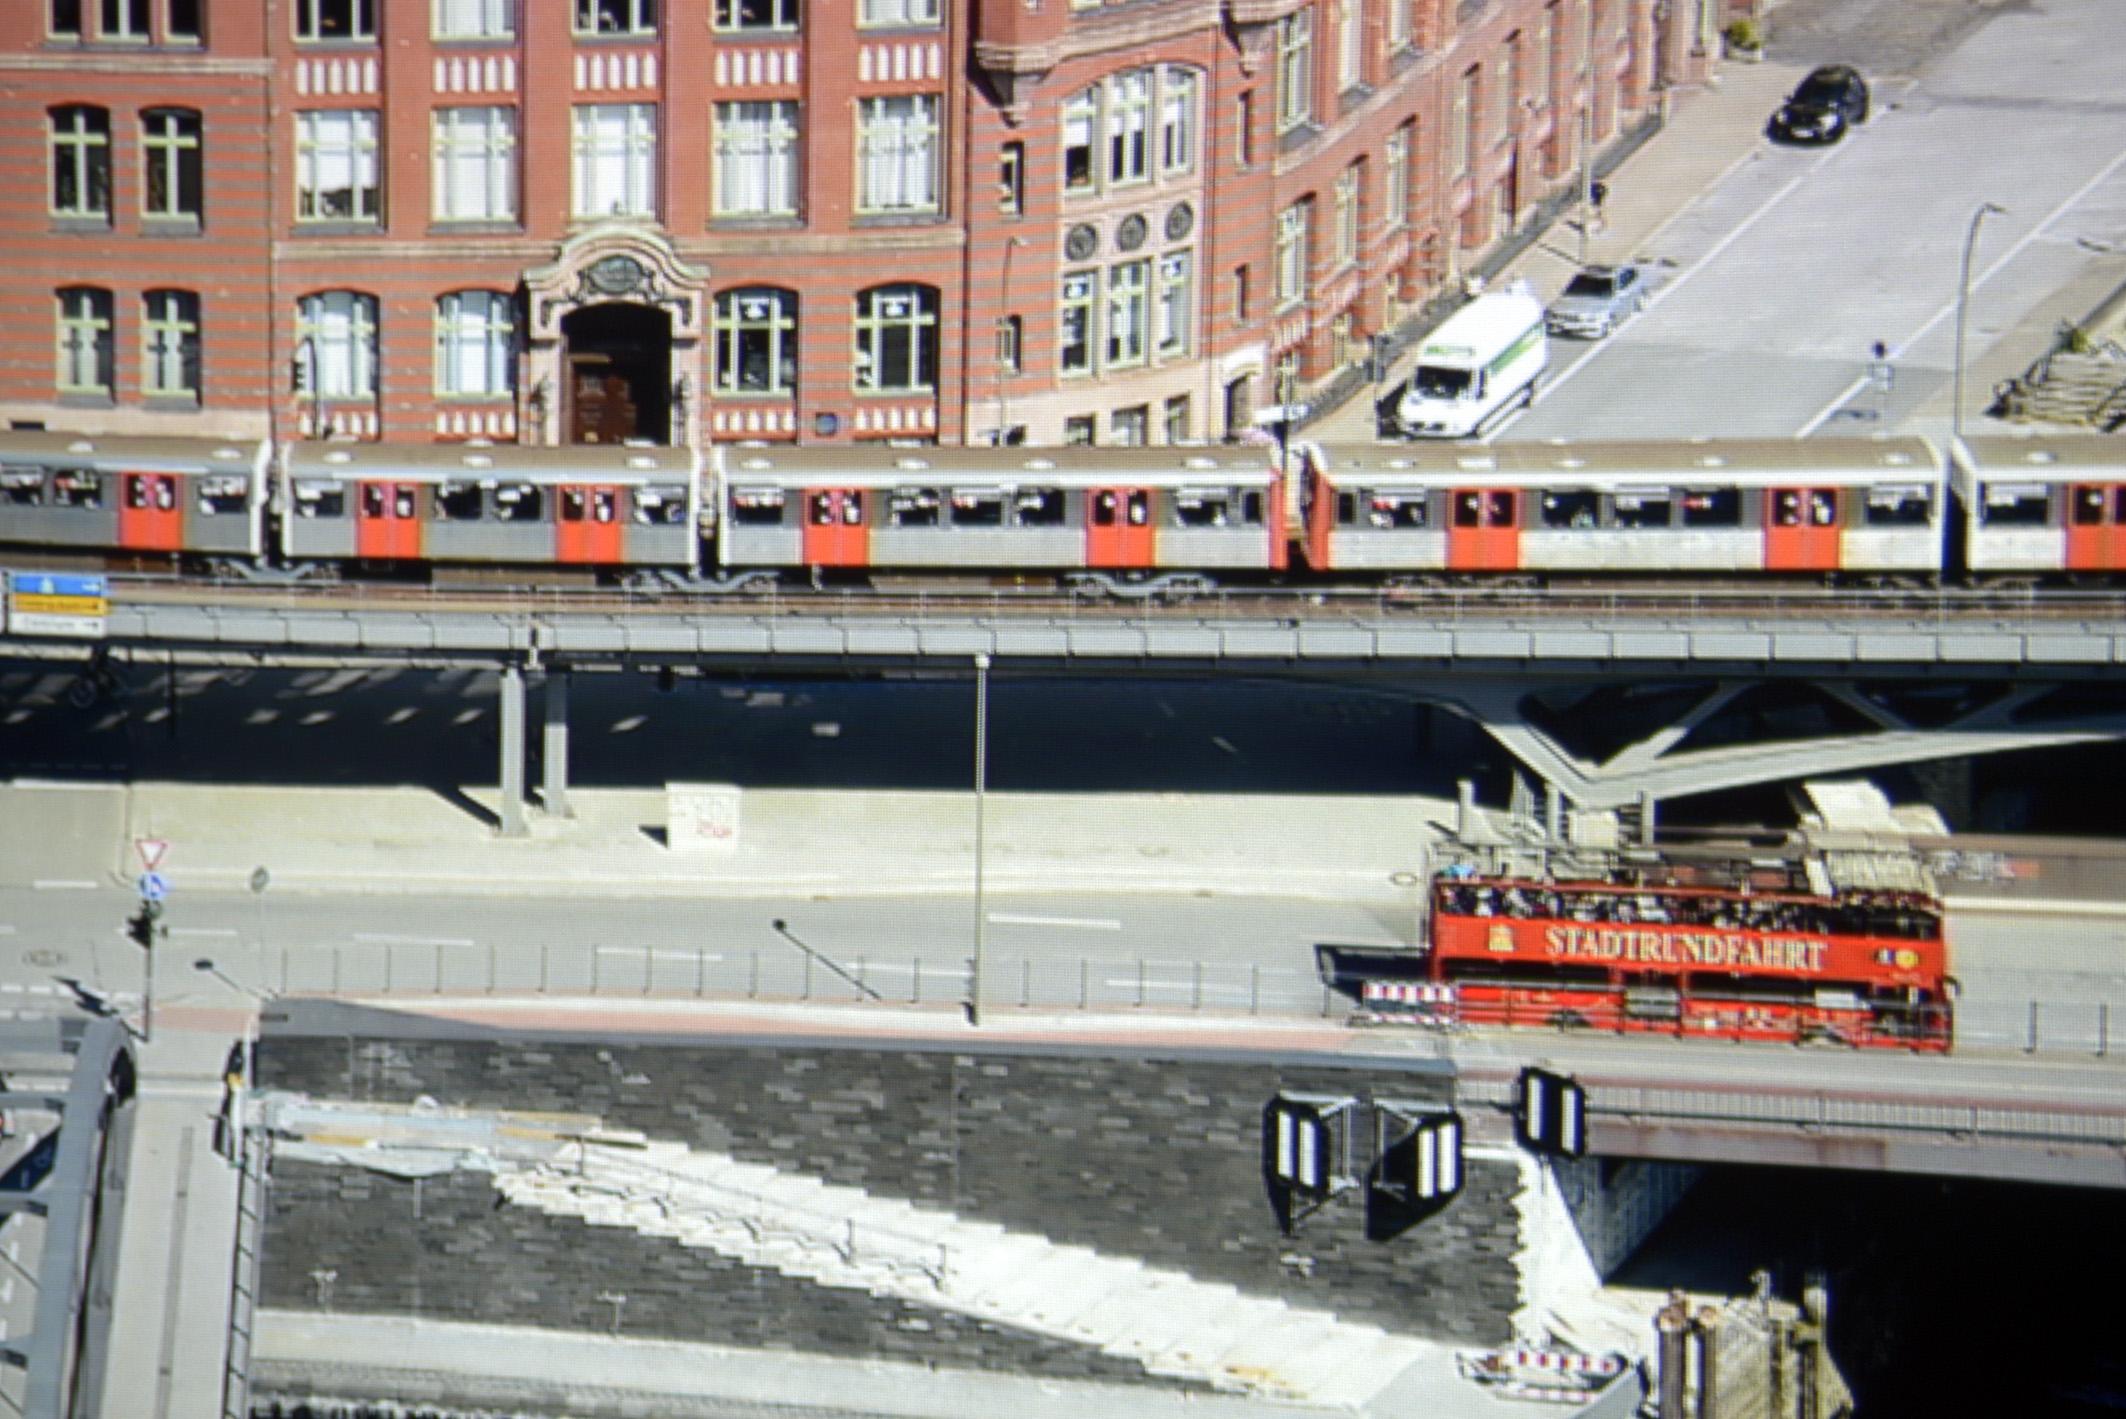 """Foto: Michael B. Rehders Full-HD: Die Panoramaaufnahme von Hamburg habe ich aus der 21. Etage des Hanseatic Trade Centers geschossen. Der Ausschnitt aus dem projizierten Full-HD-Bildes zeigt eine ordentliche Farbdarstellung. Der Schriftzug """"STADTRUNDFAHRT"""" ist gut zu lesen. Der Asphalt erscheint angenehm farbneutral."""